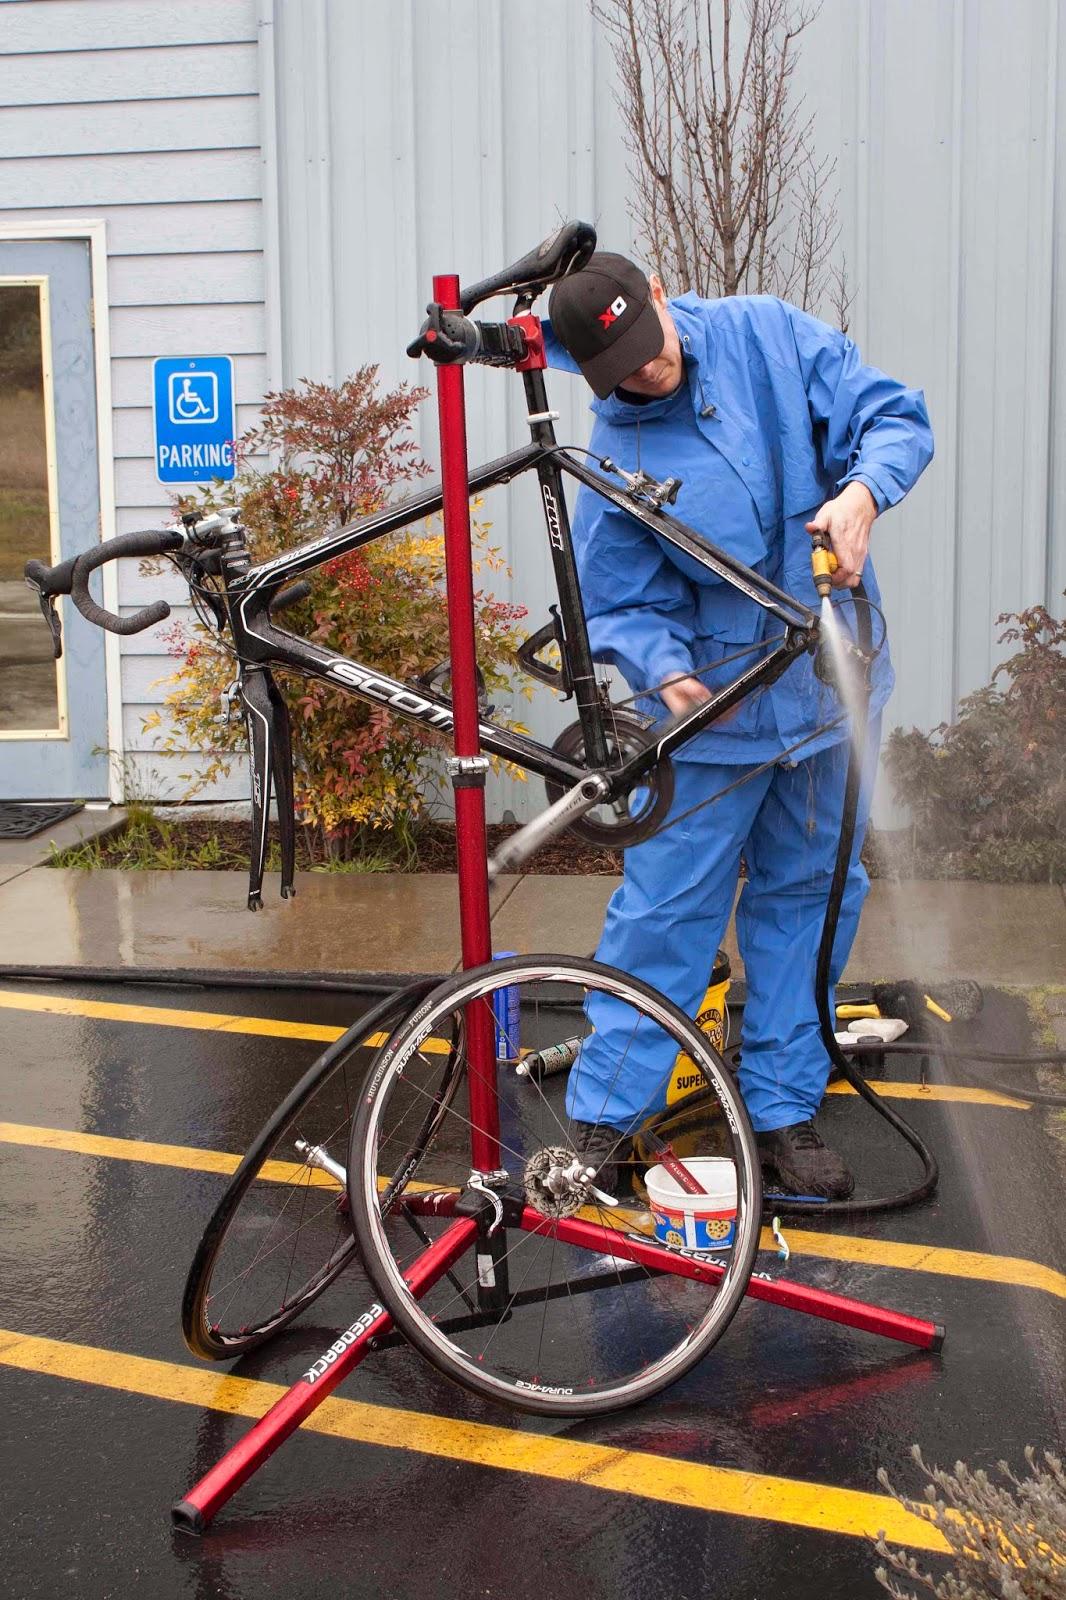 Tips Membersihkan Sepeda Yang Benar Bagus Sikat Lantai Gunakan Sabun Atau Paling Shampoo Cuci Mobil Motor Untuk Merontokkan Dan Ban Dari Lumpur Kering Kotoran Lain